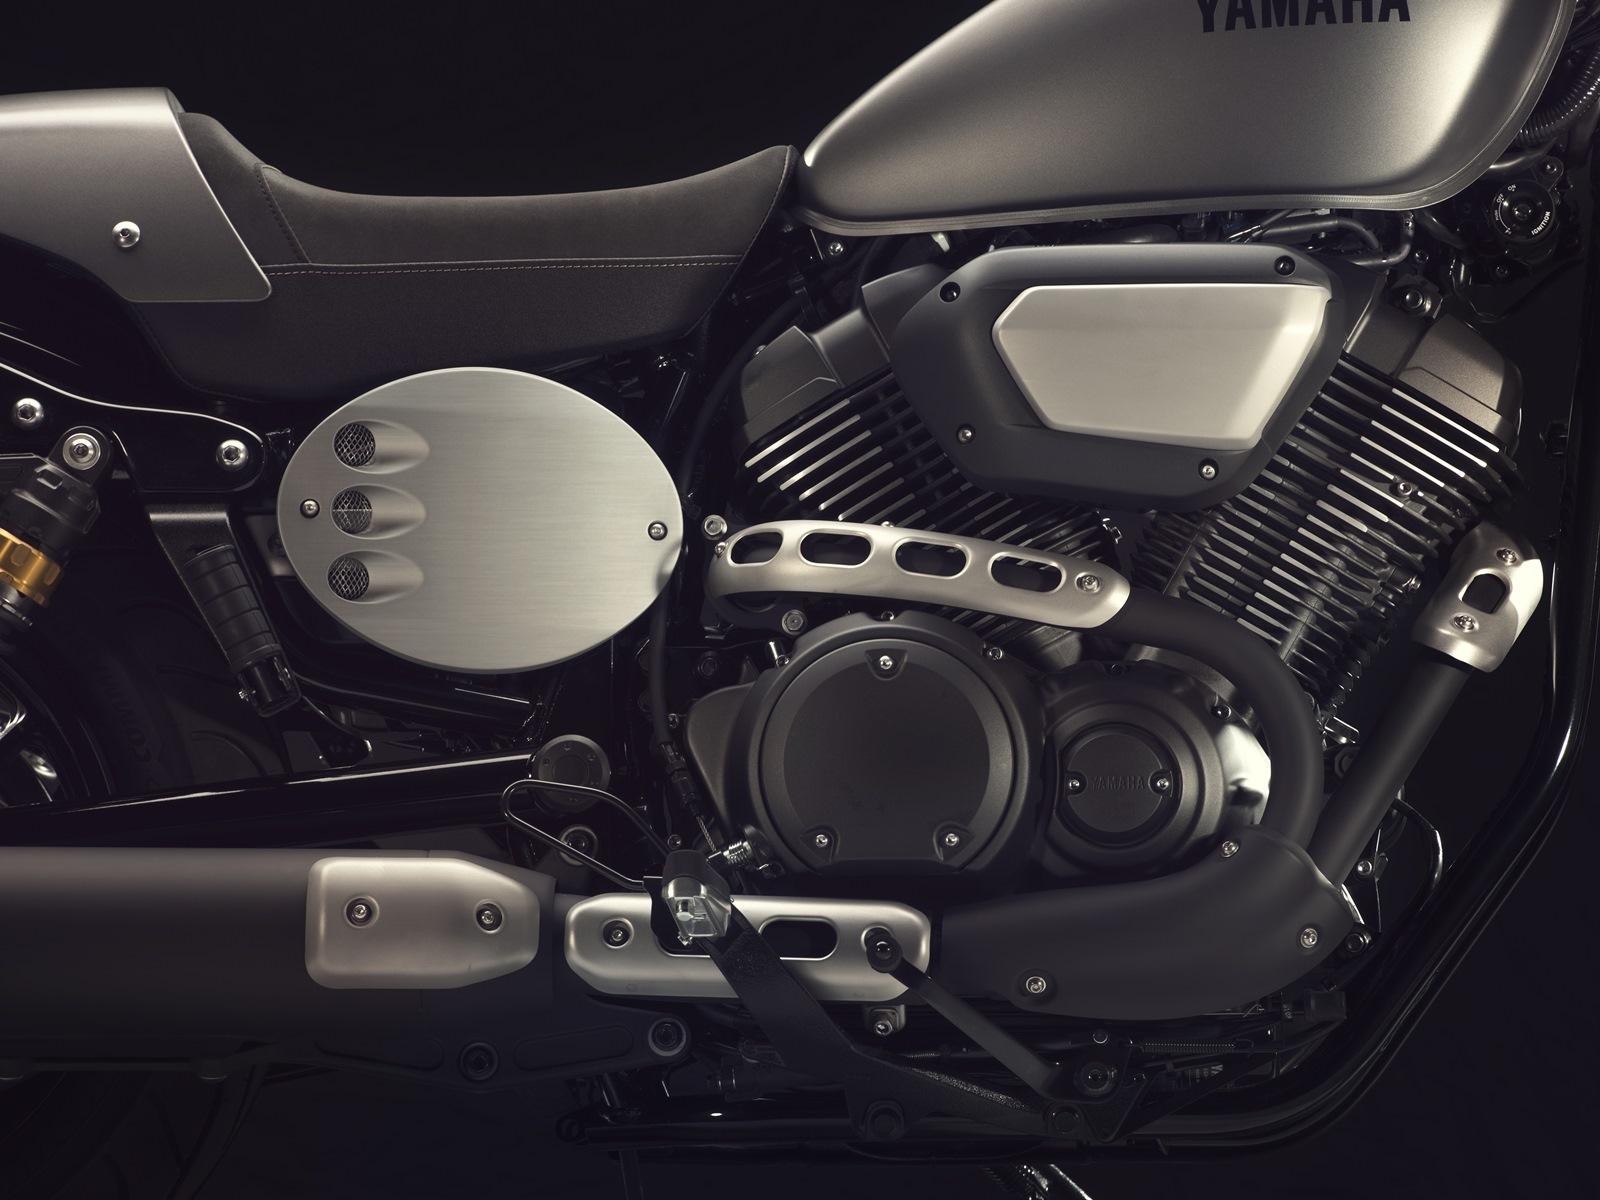 Foto de Yamaha XV950 Racer (3/33)